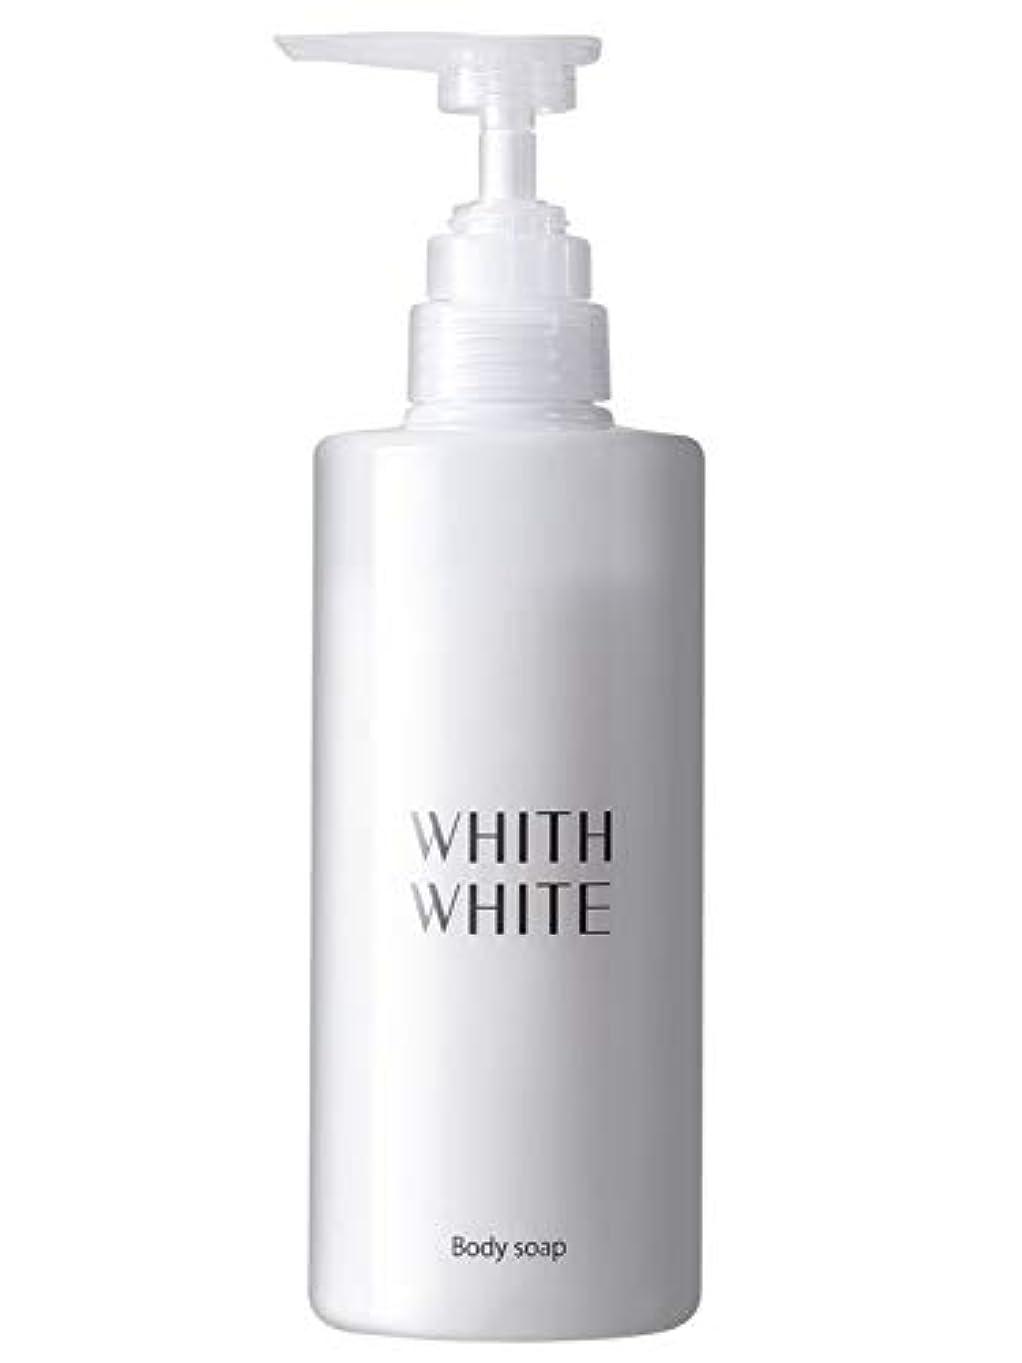 シャッフルピークタワーフィス ホワイト ボディソープ 【 エレガントフローラルのいい香り 】 無添加 保湿 ボディーソープ 「 泡で黒ずみ さっぱり ボディシャンプー 」「 ヒアルロン酸 コラーゲン セラミド 配合」450ml